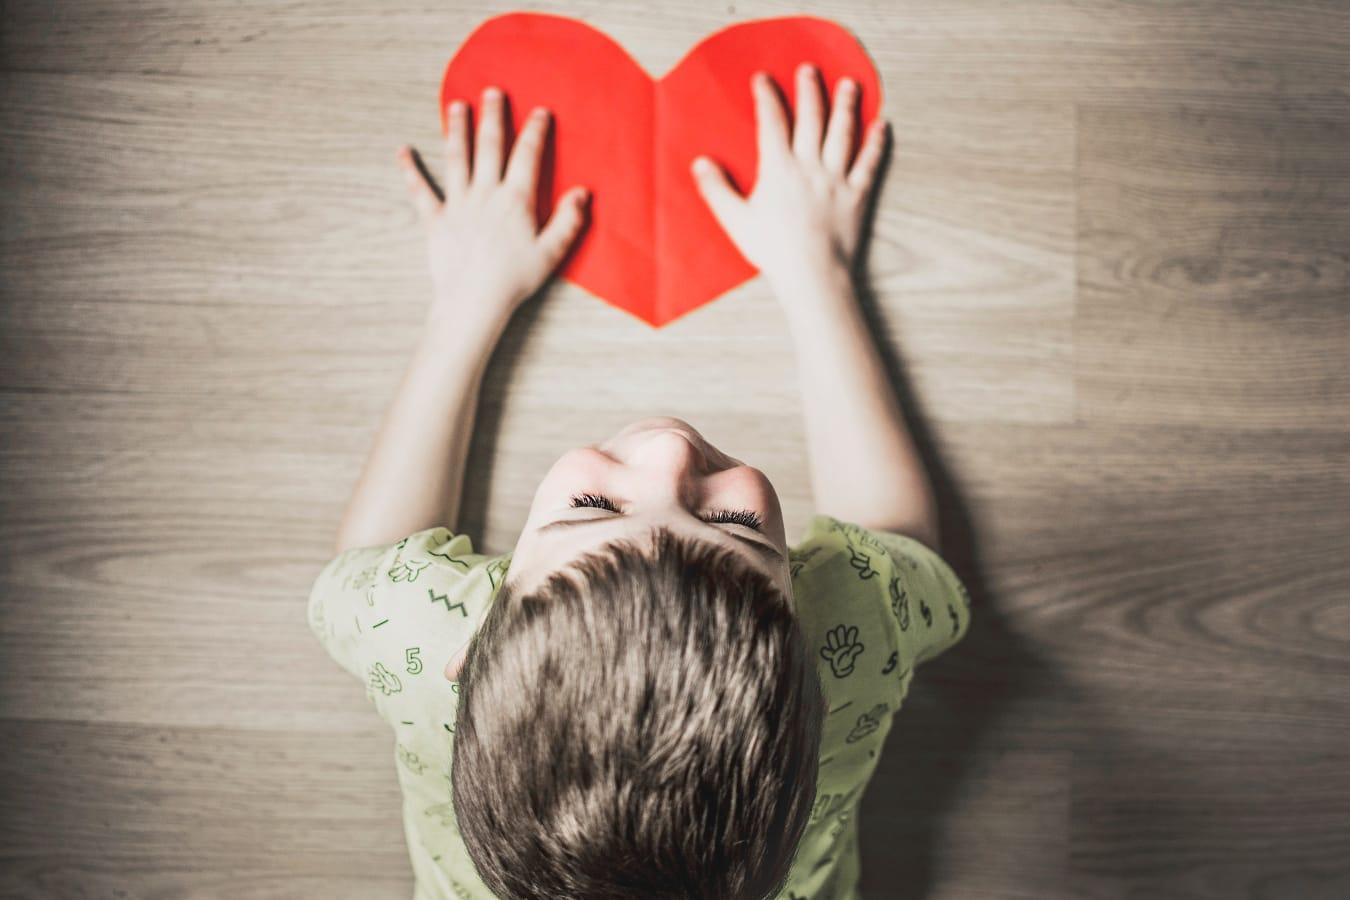 Serie over scheiden #02: Een open hart voor je ex